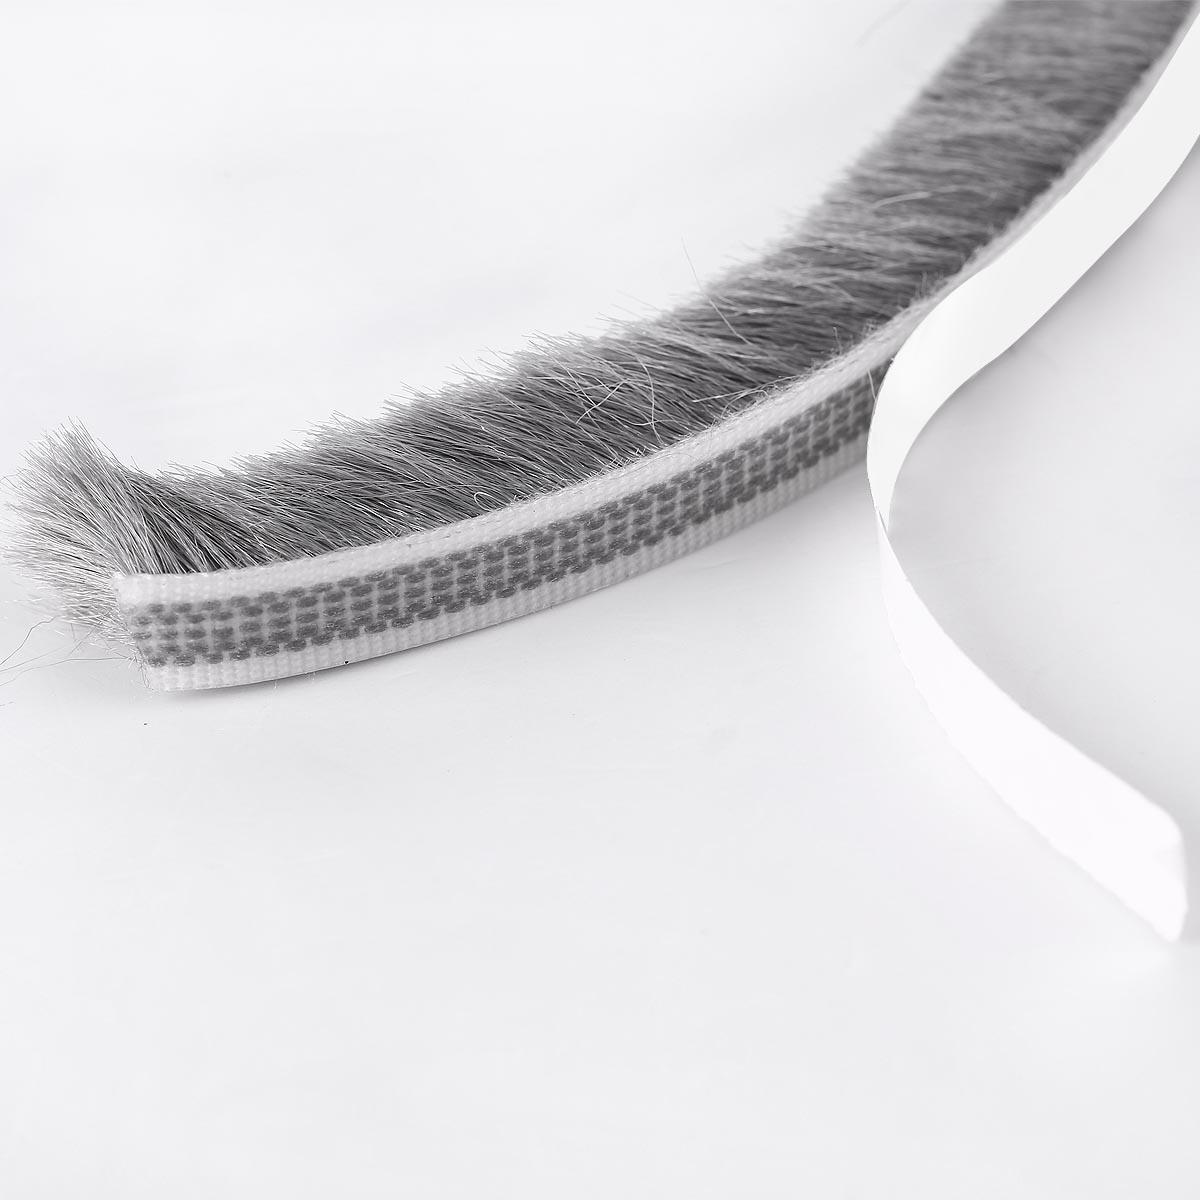 paraspifferi parafreddo guarnizione a spazzola adesiva porta e finestra grigio ebay. Black Bedroom Furniture Sets. Home Design Ideas